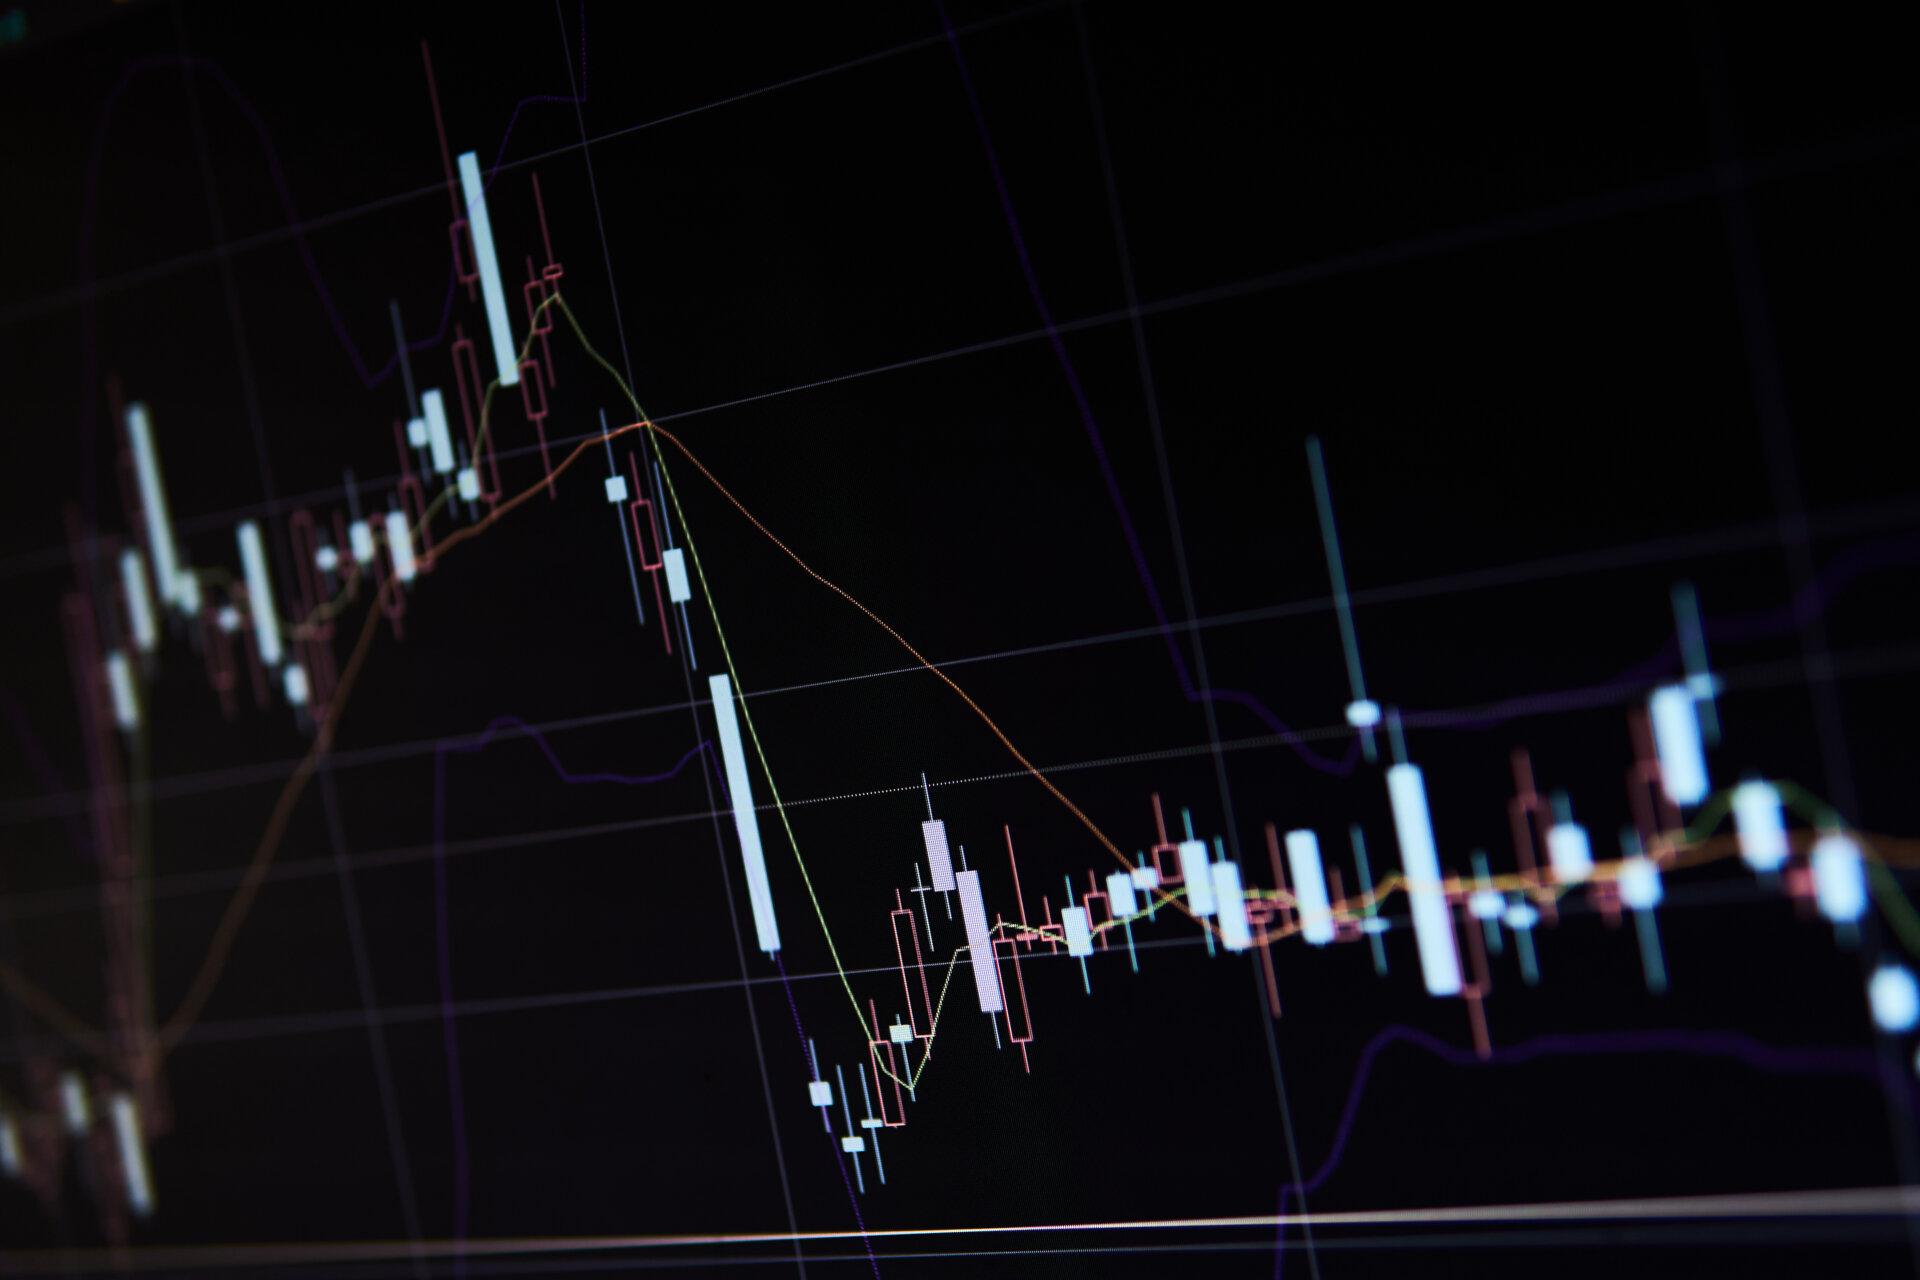 【株・FX】いよいよ株価暴落来たか!?テクニカル分析と投機筋チャートから解説!